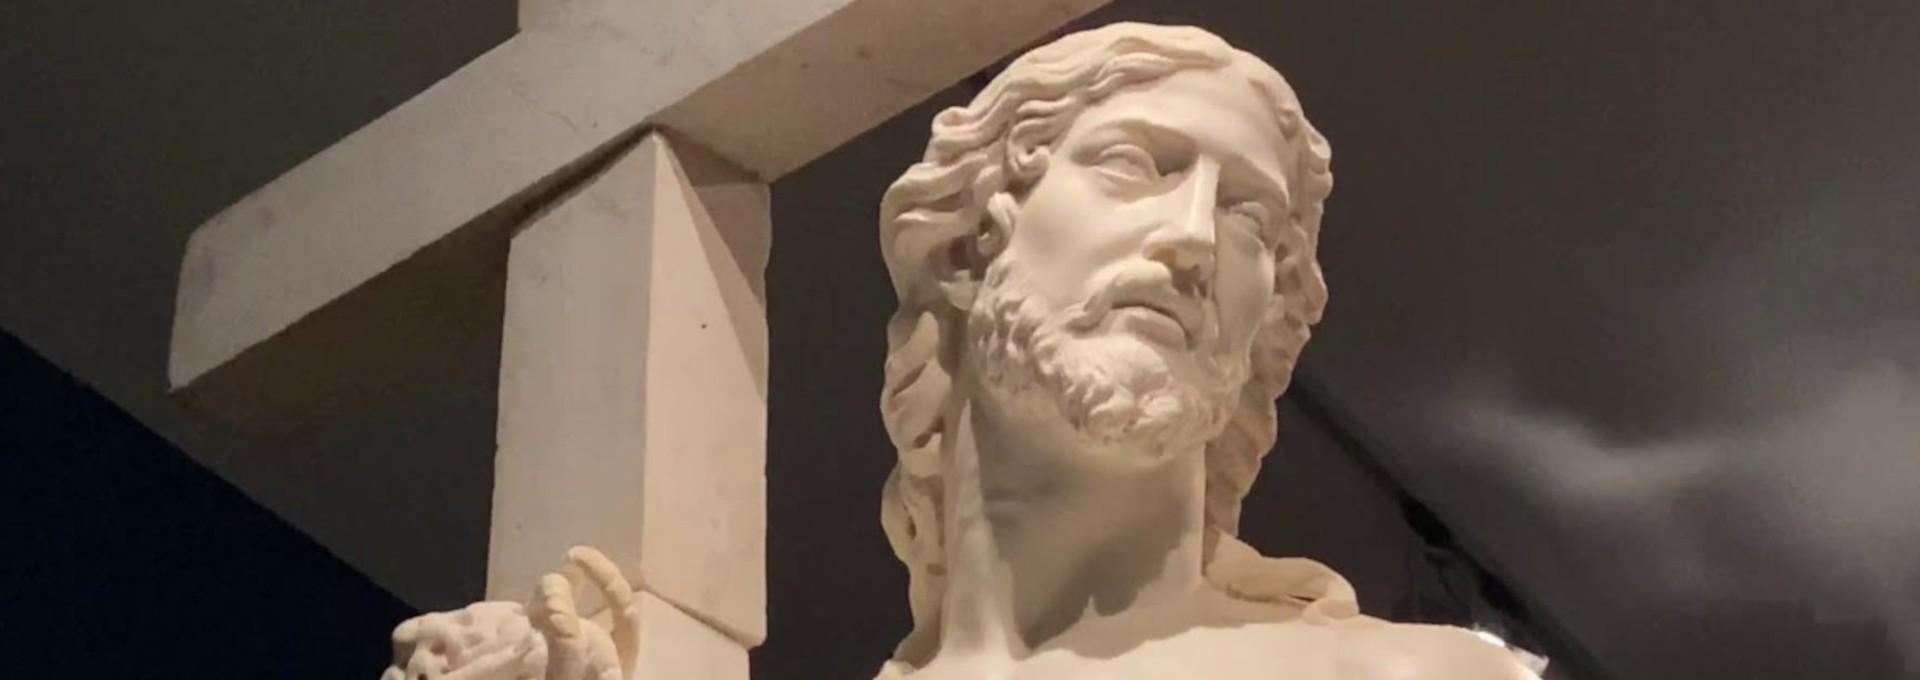 <br><br>Michelangelo divino artista